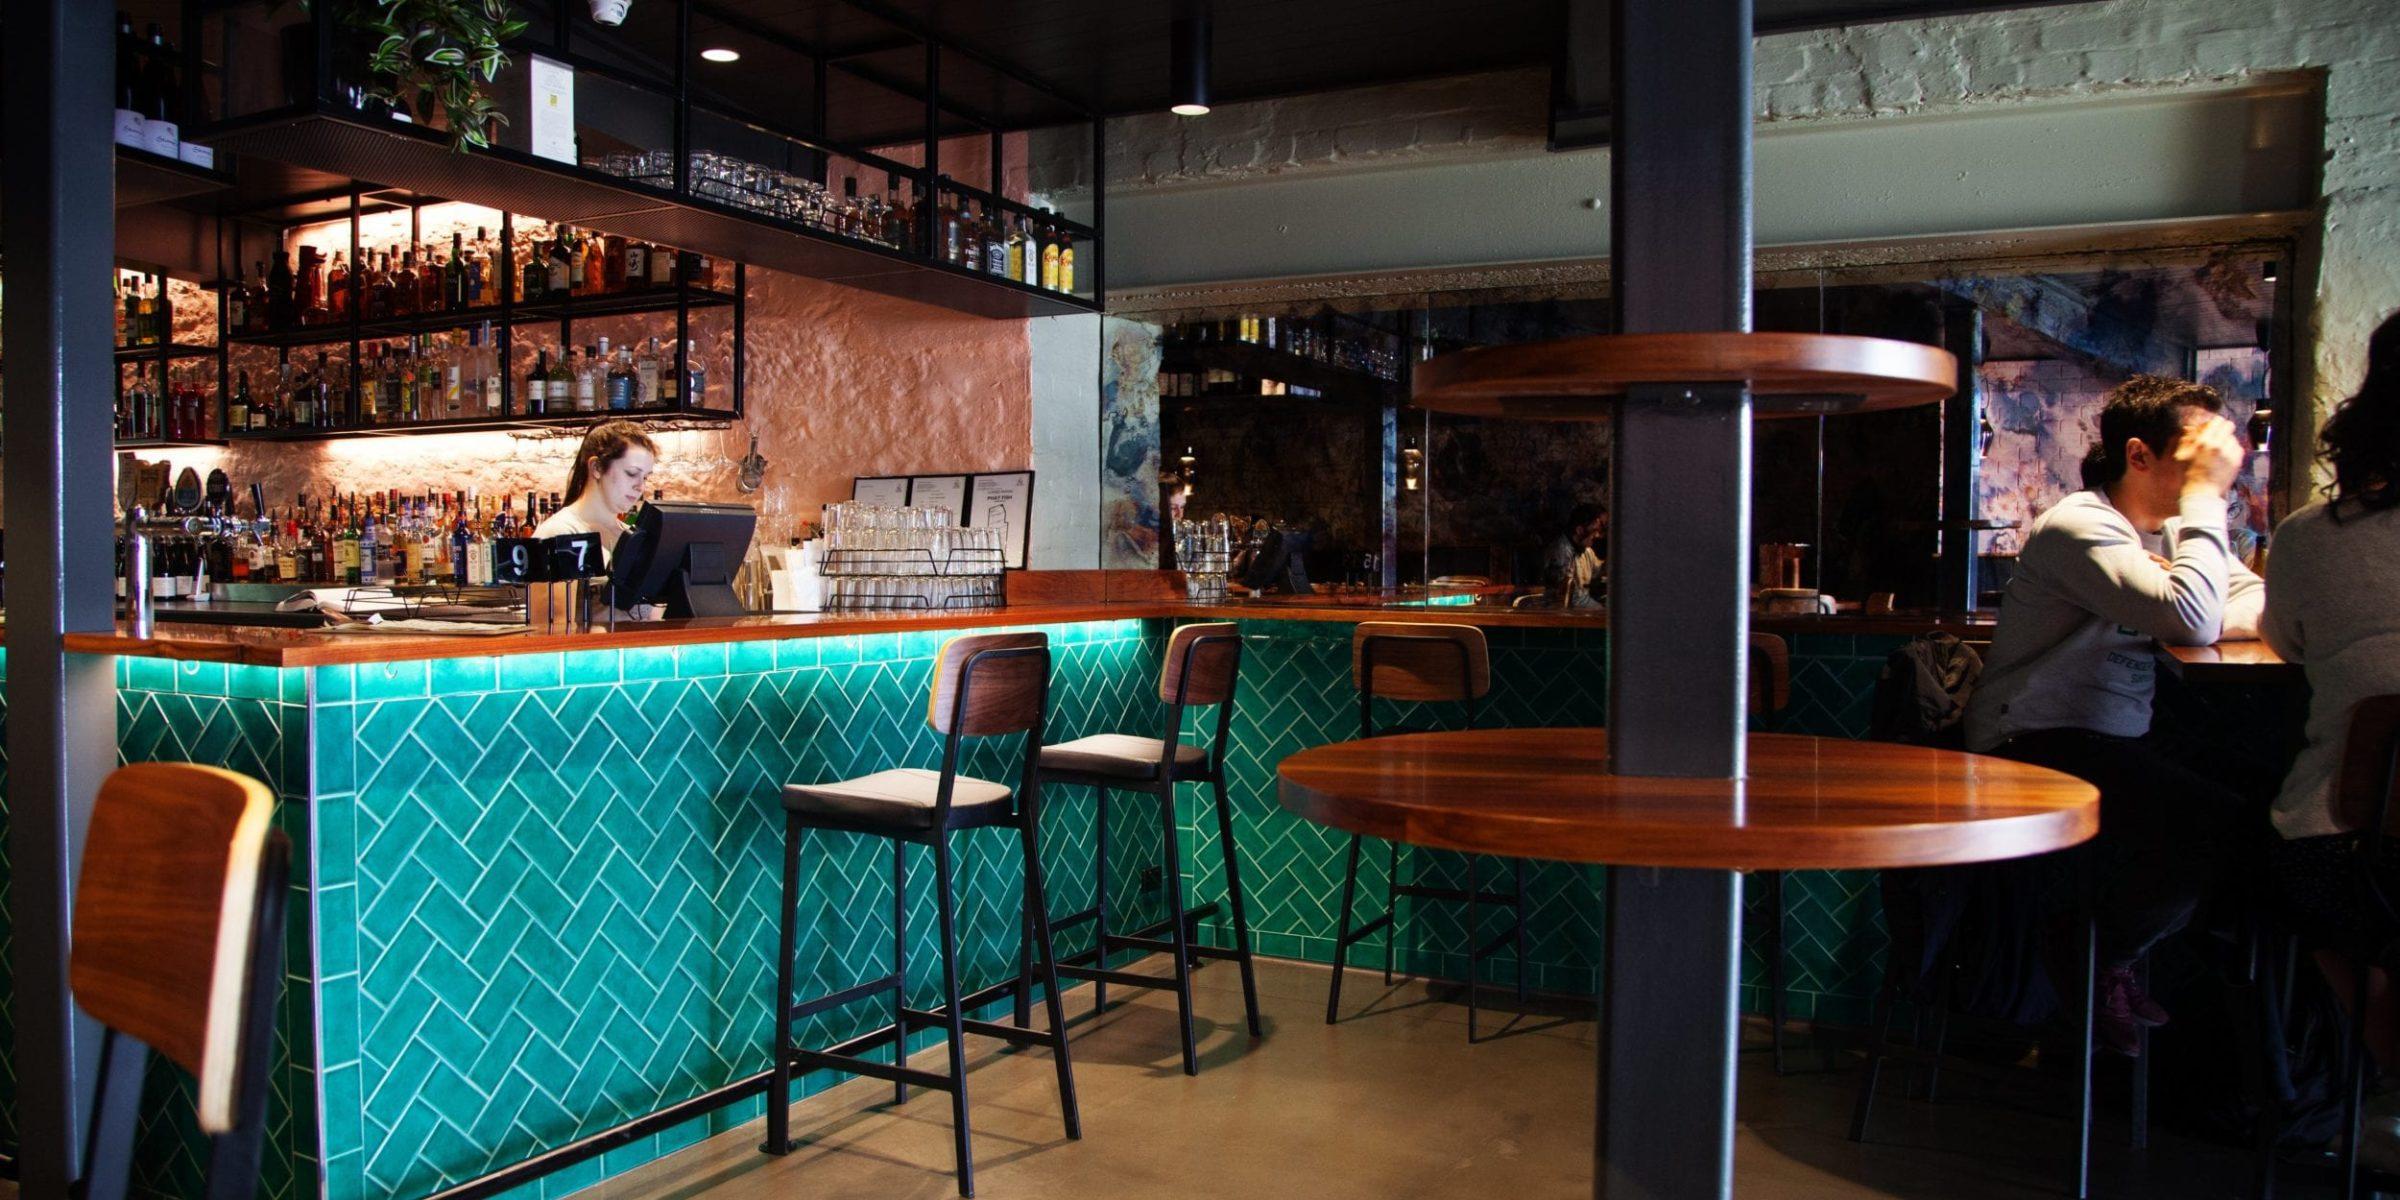 The Blackwood bar at Phat Fish